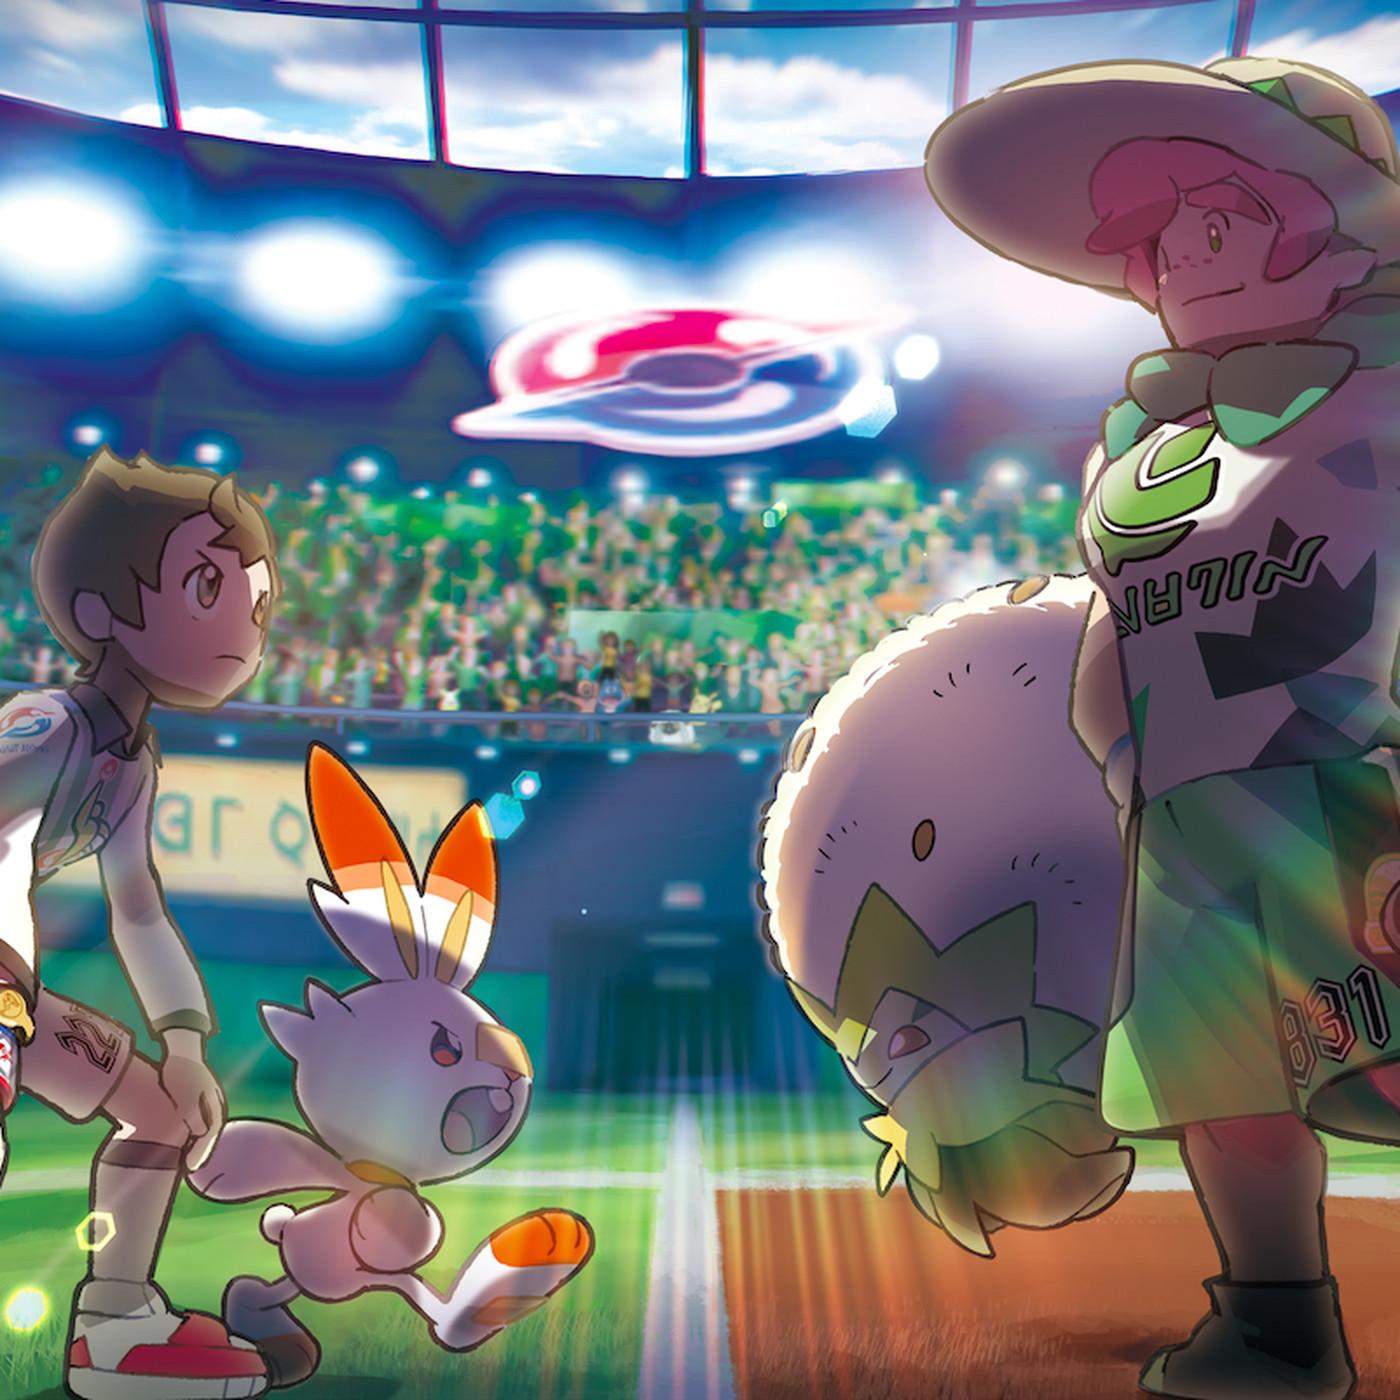 Pokemon Sword And Shield Dynamax Ban And The Competitive Scene Divide Polygon Da pokémon central wiki, l'enciclopedia pokémon in italiano. pokemon sword and shield dynamax ban